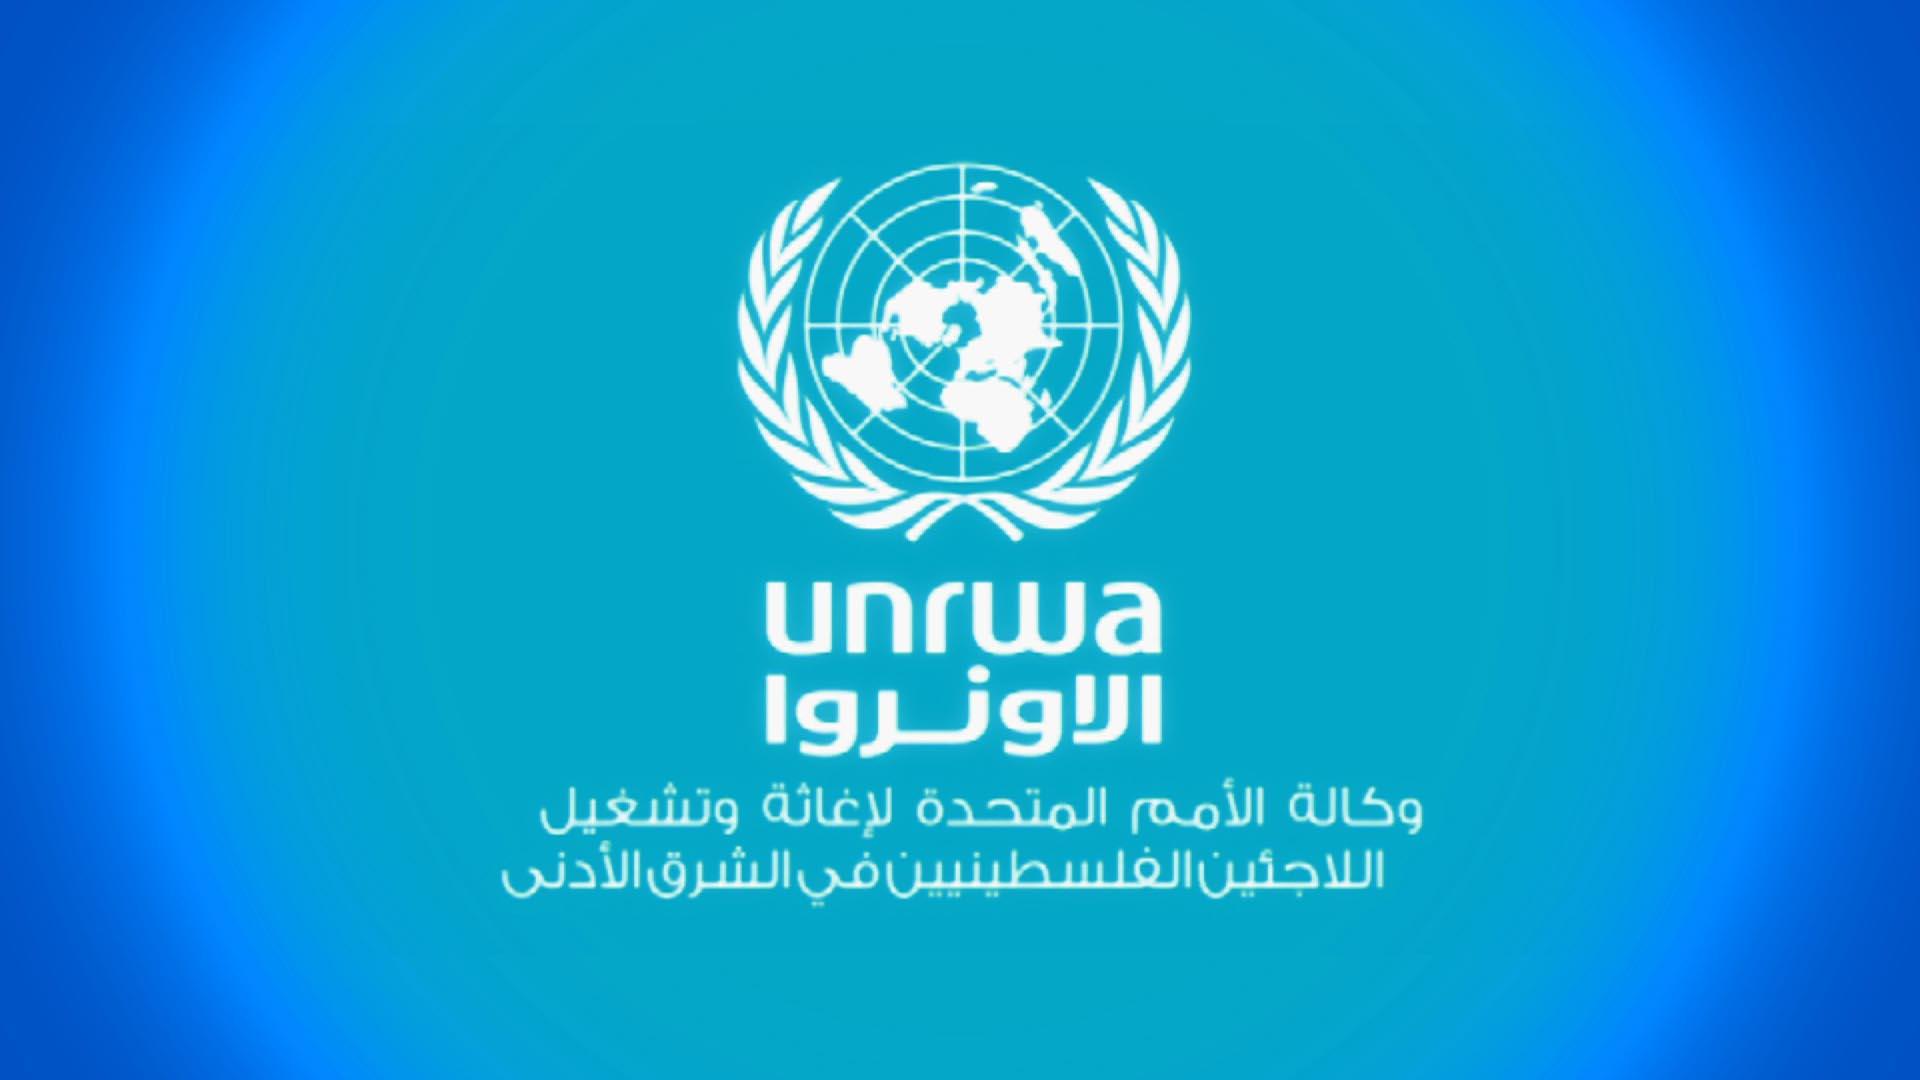 الأونروا: 50% من اللاجئين